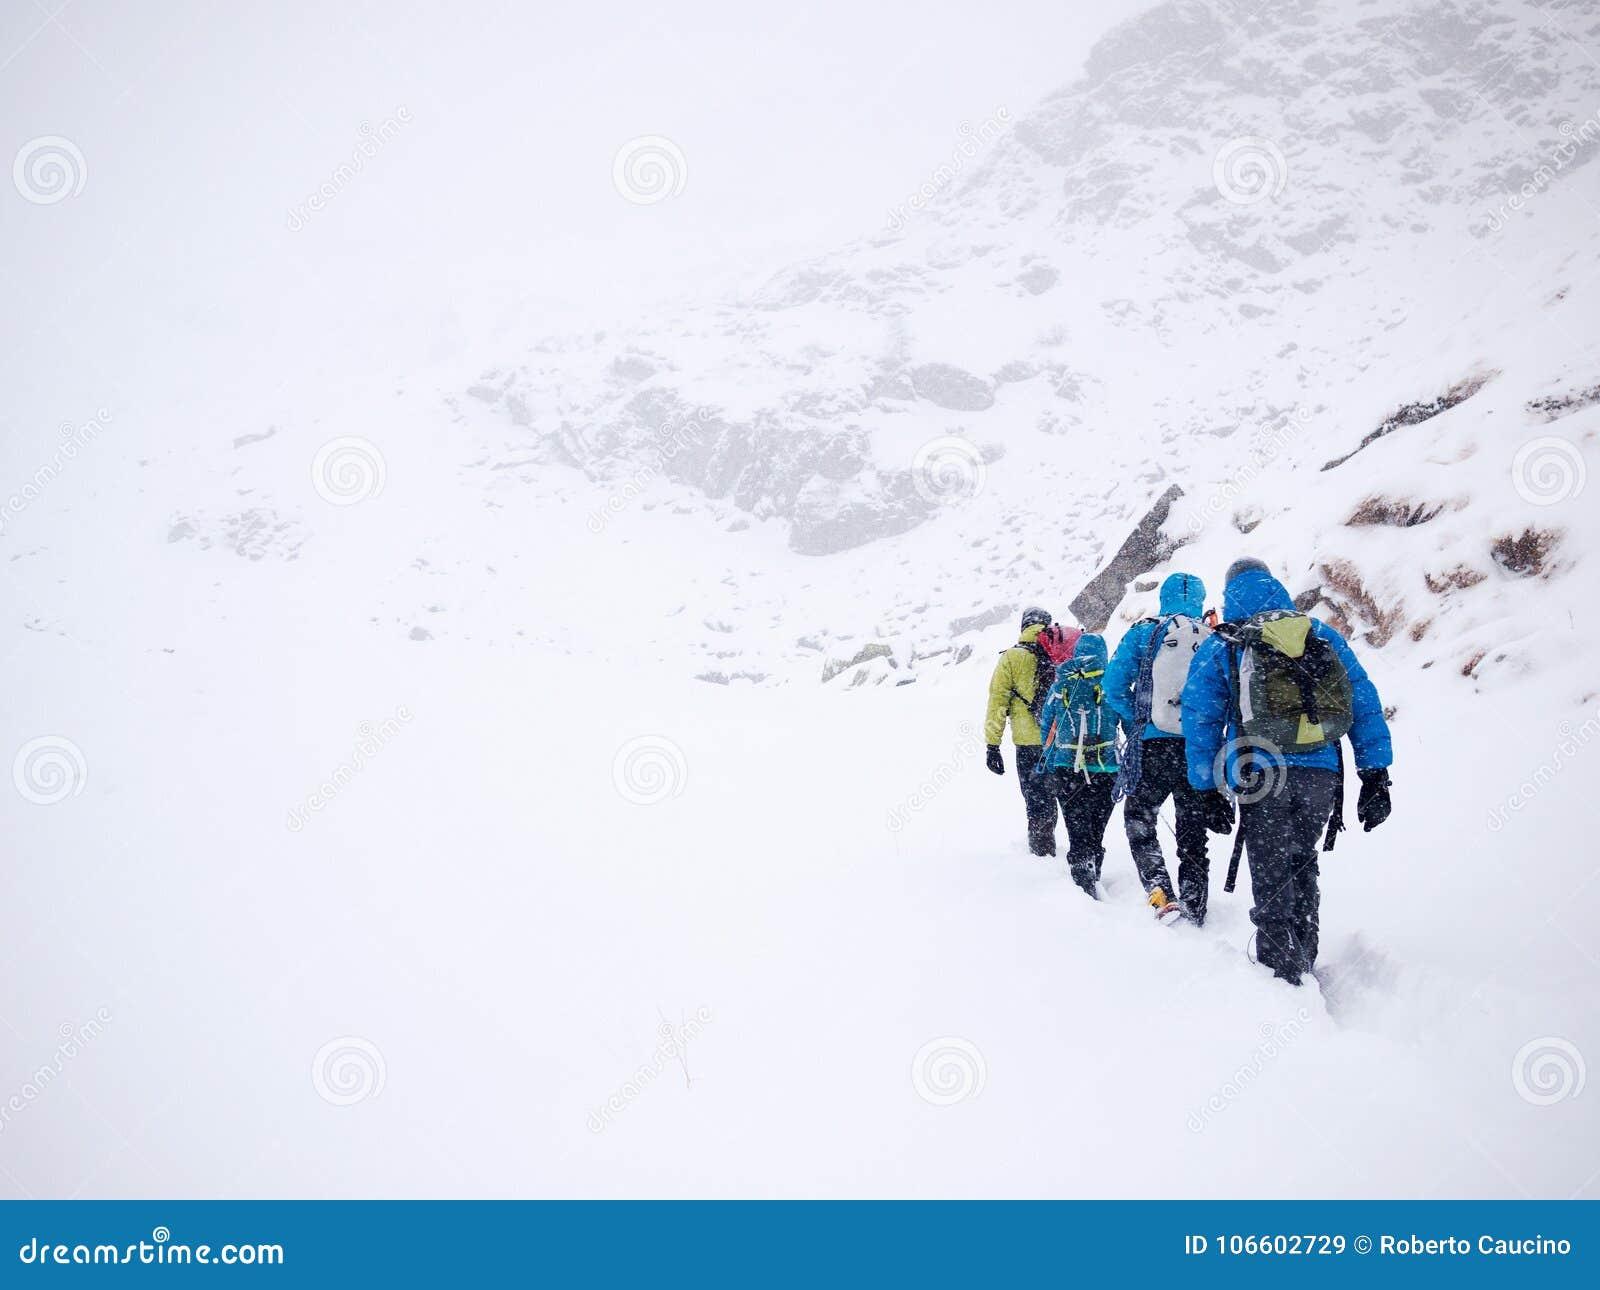 Альпинисты объединяются в команду прогулки в свежем снеге во время экспедиции зимы